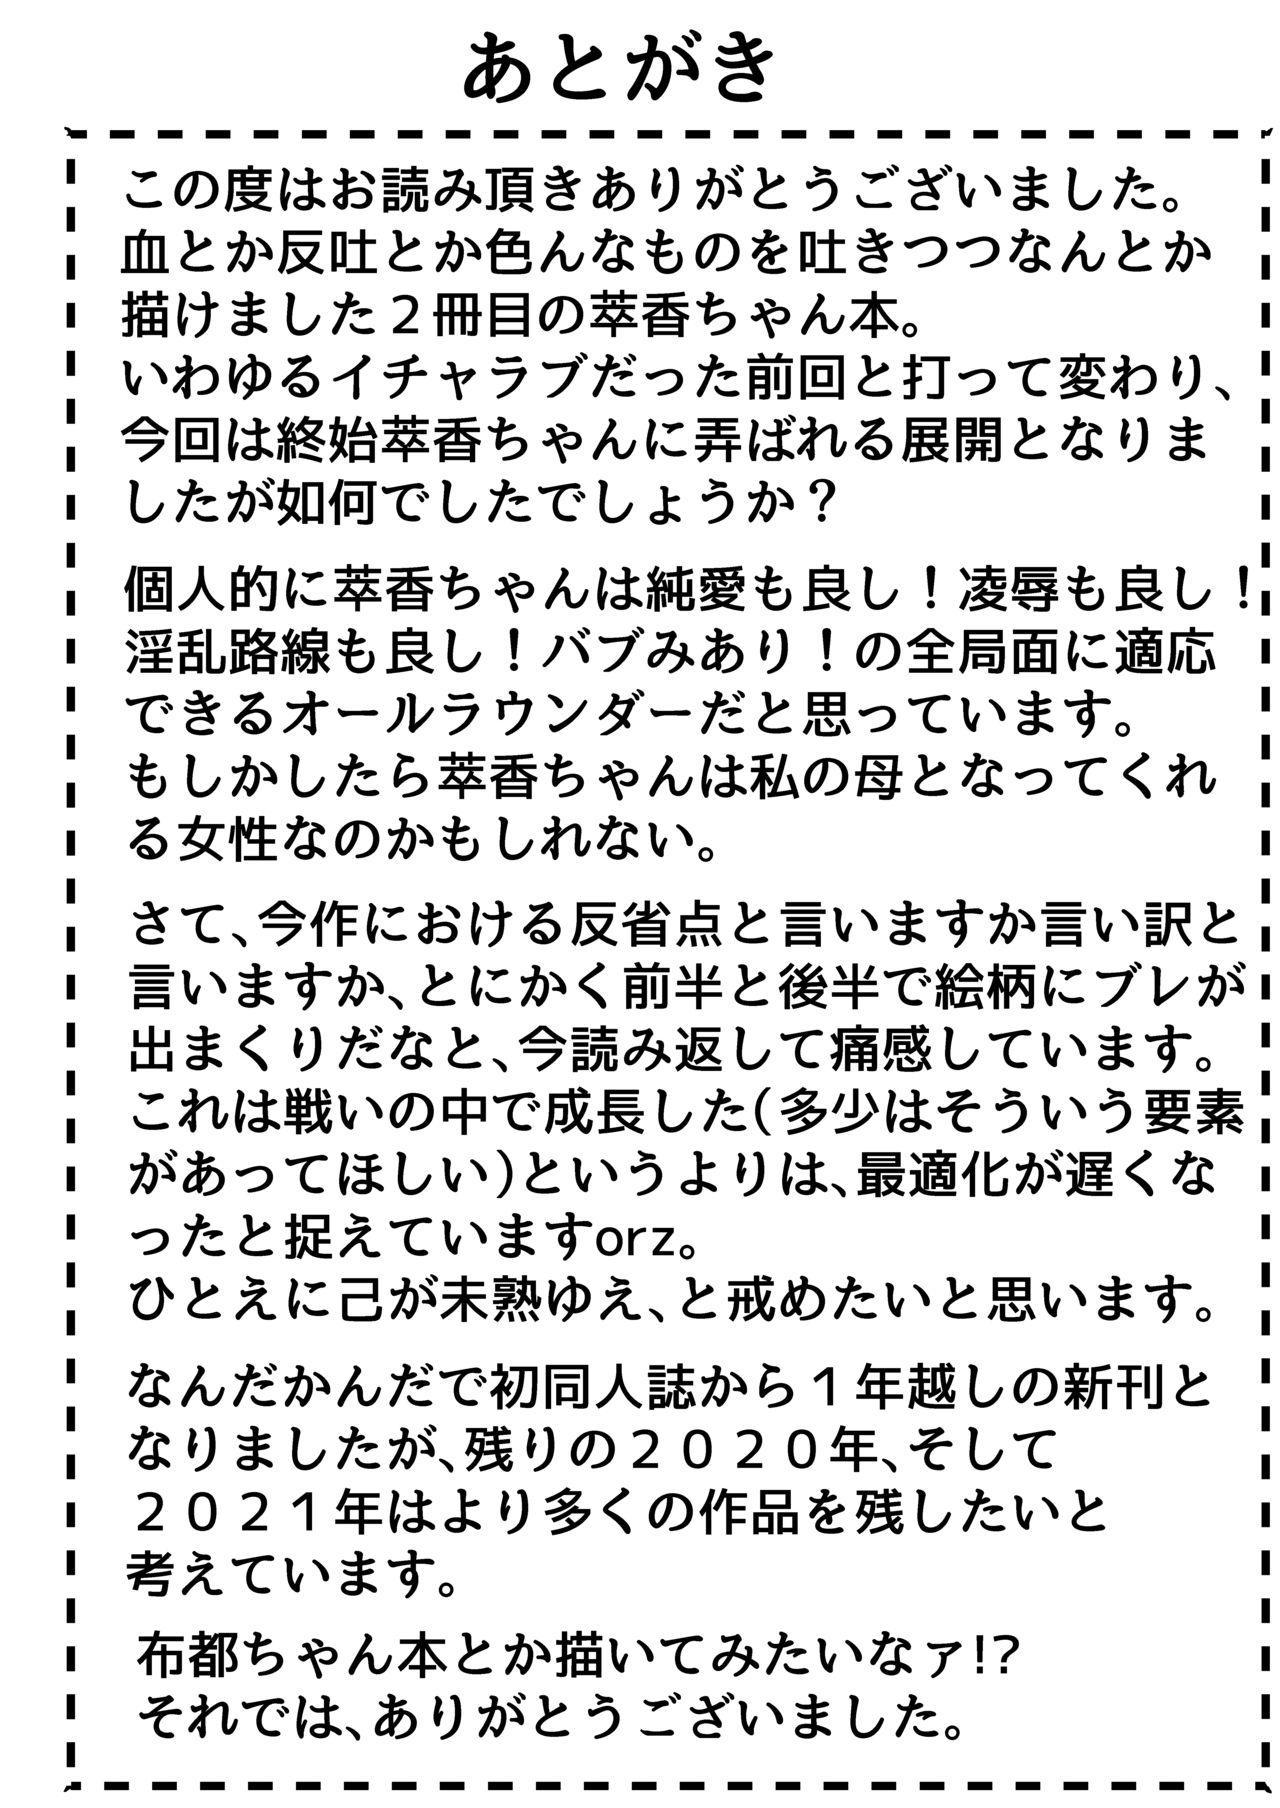 Onsen de Deatta Kooni ni Lolicon e to Oto Sareru made no Ohanashi 18